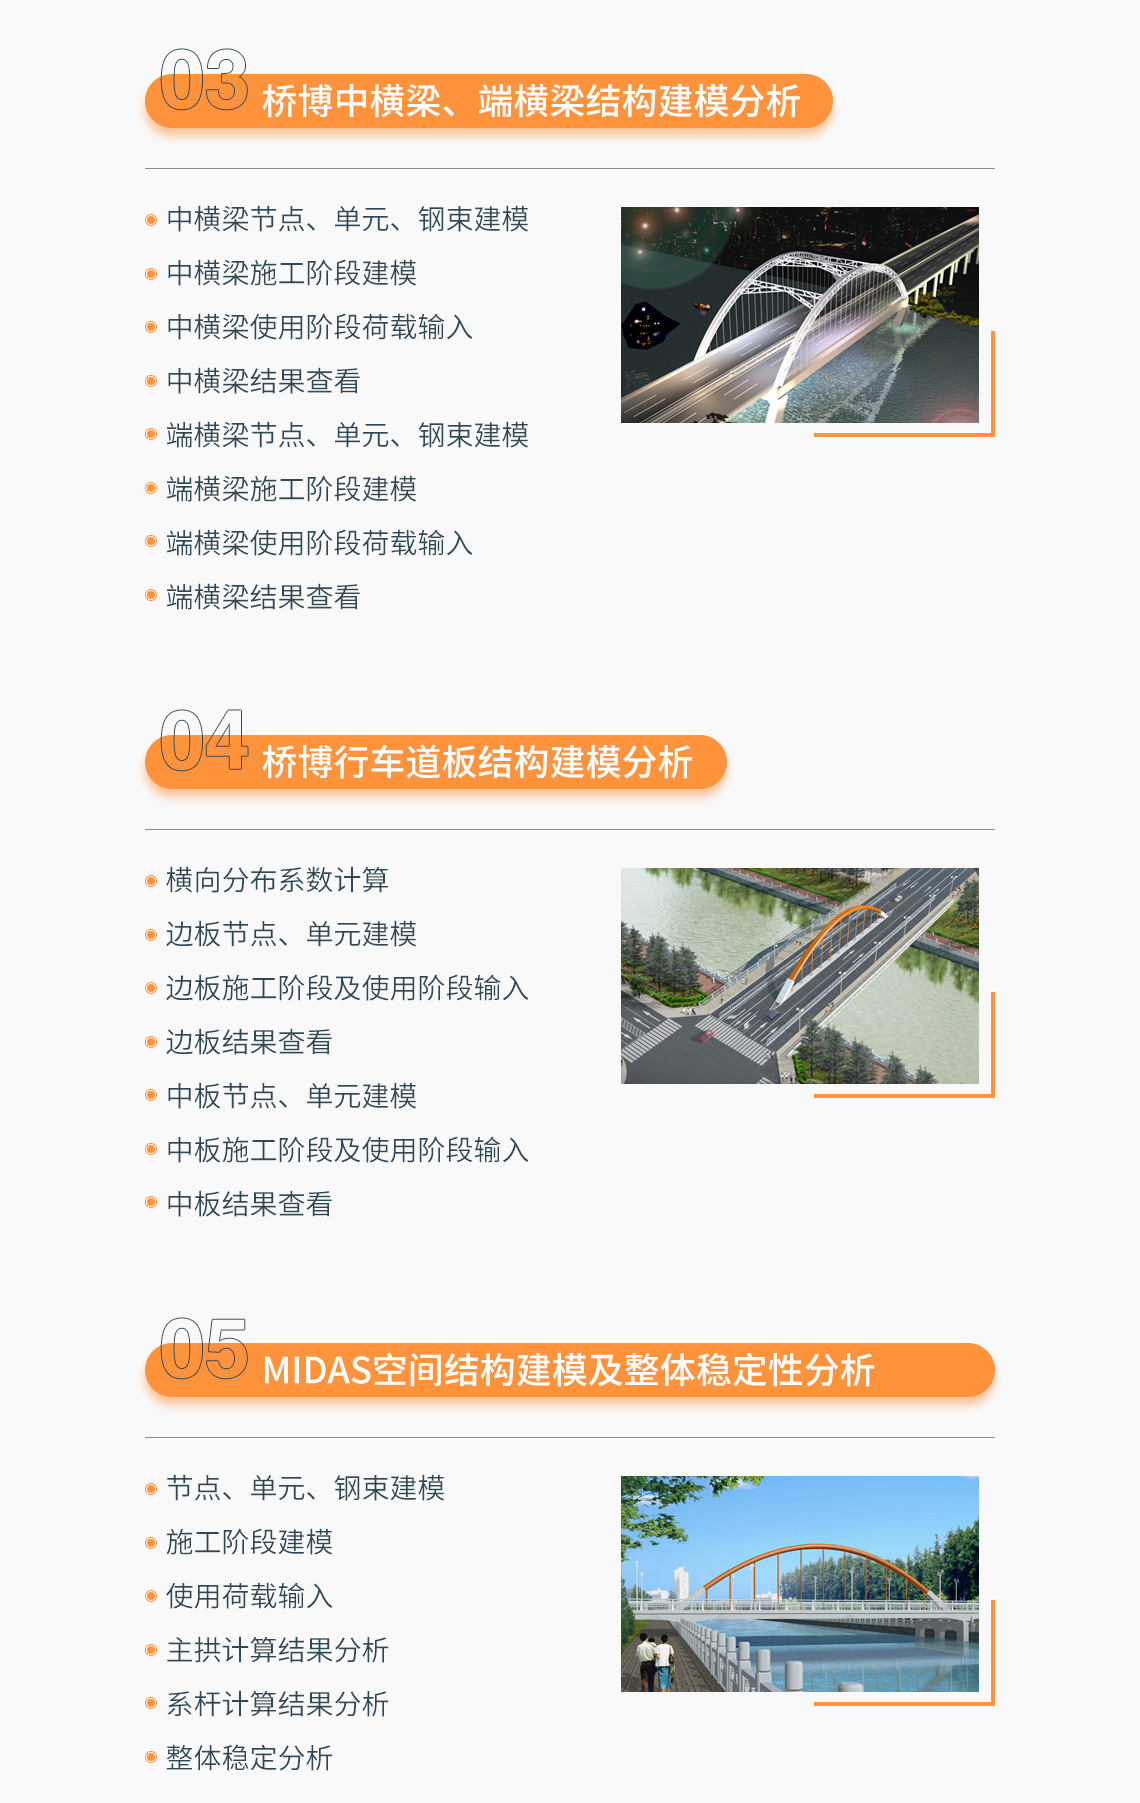 拱桥设计为下承式拱桥设计,对拱桥设计师开拓设计思路,借鉴设计方法非常有帮助;本节主要讲桥博中横梁、端横梁结构建模分析;(四)桥博行车道板结构建模分析;MIDAS建模。